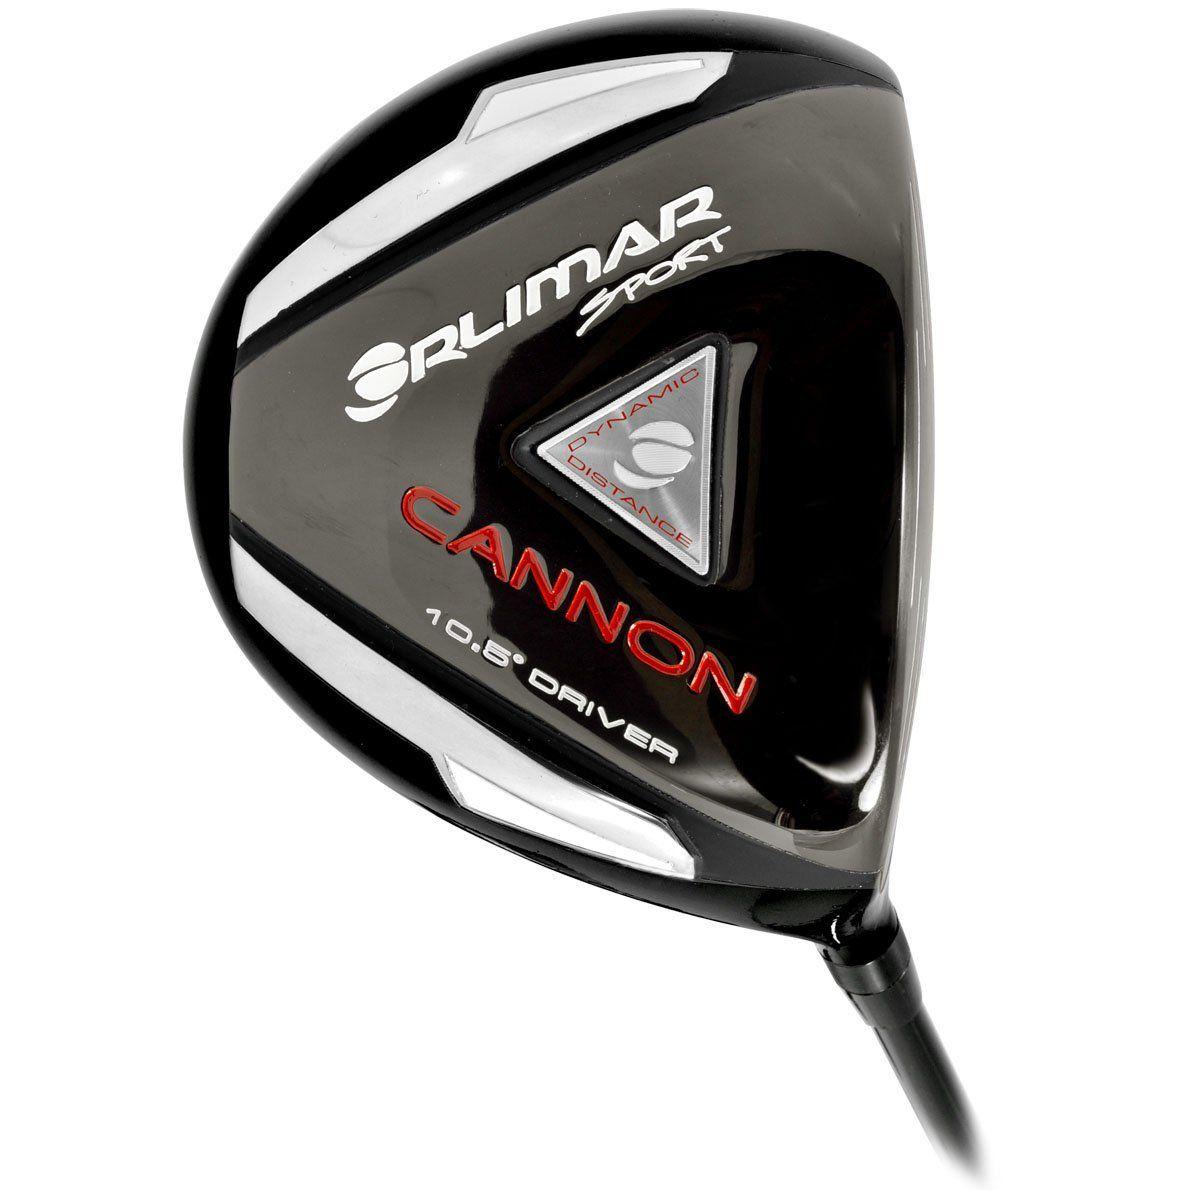 17+ Cannon club golf information